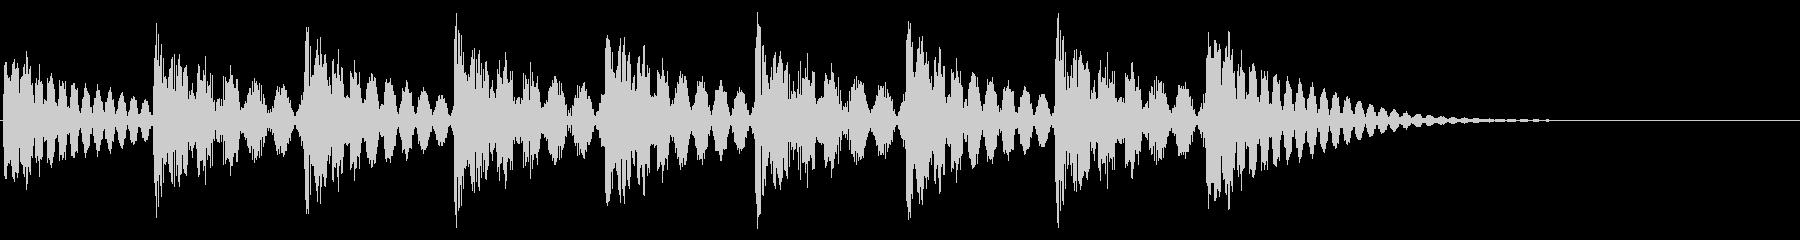 着信音のイメージの未再生の波形